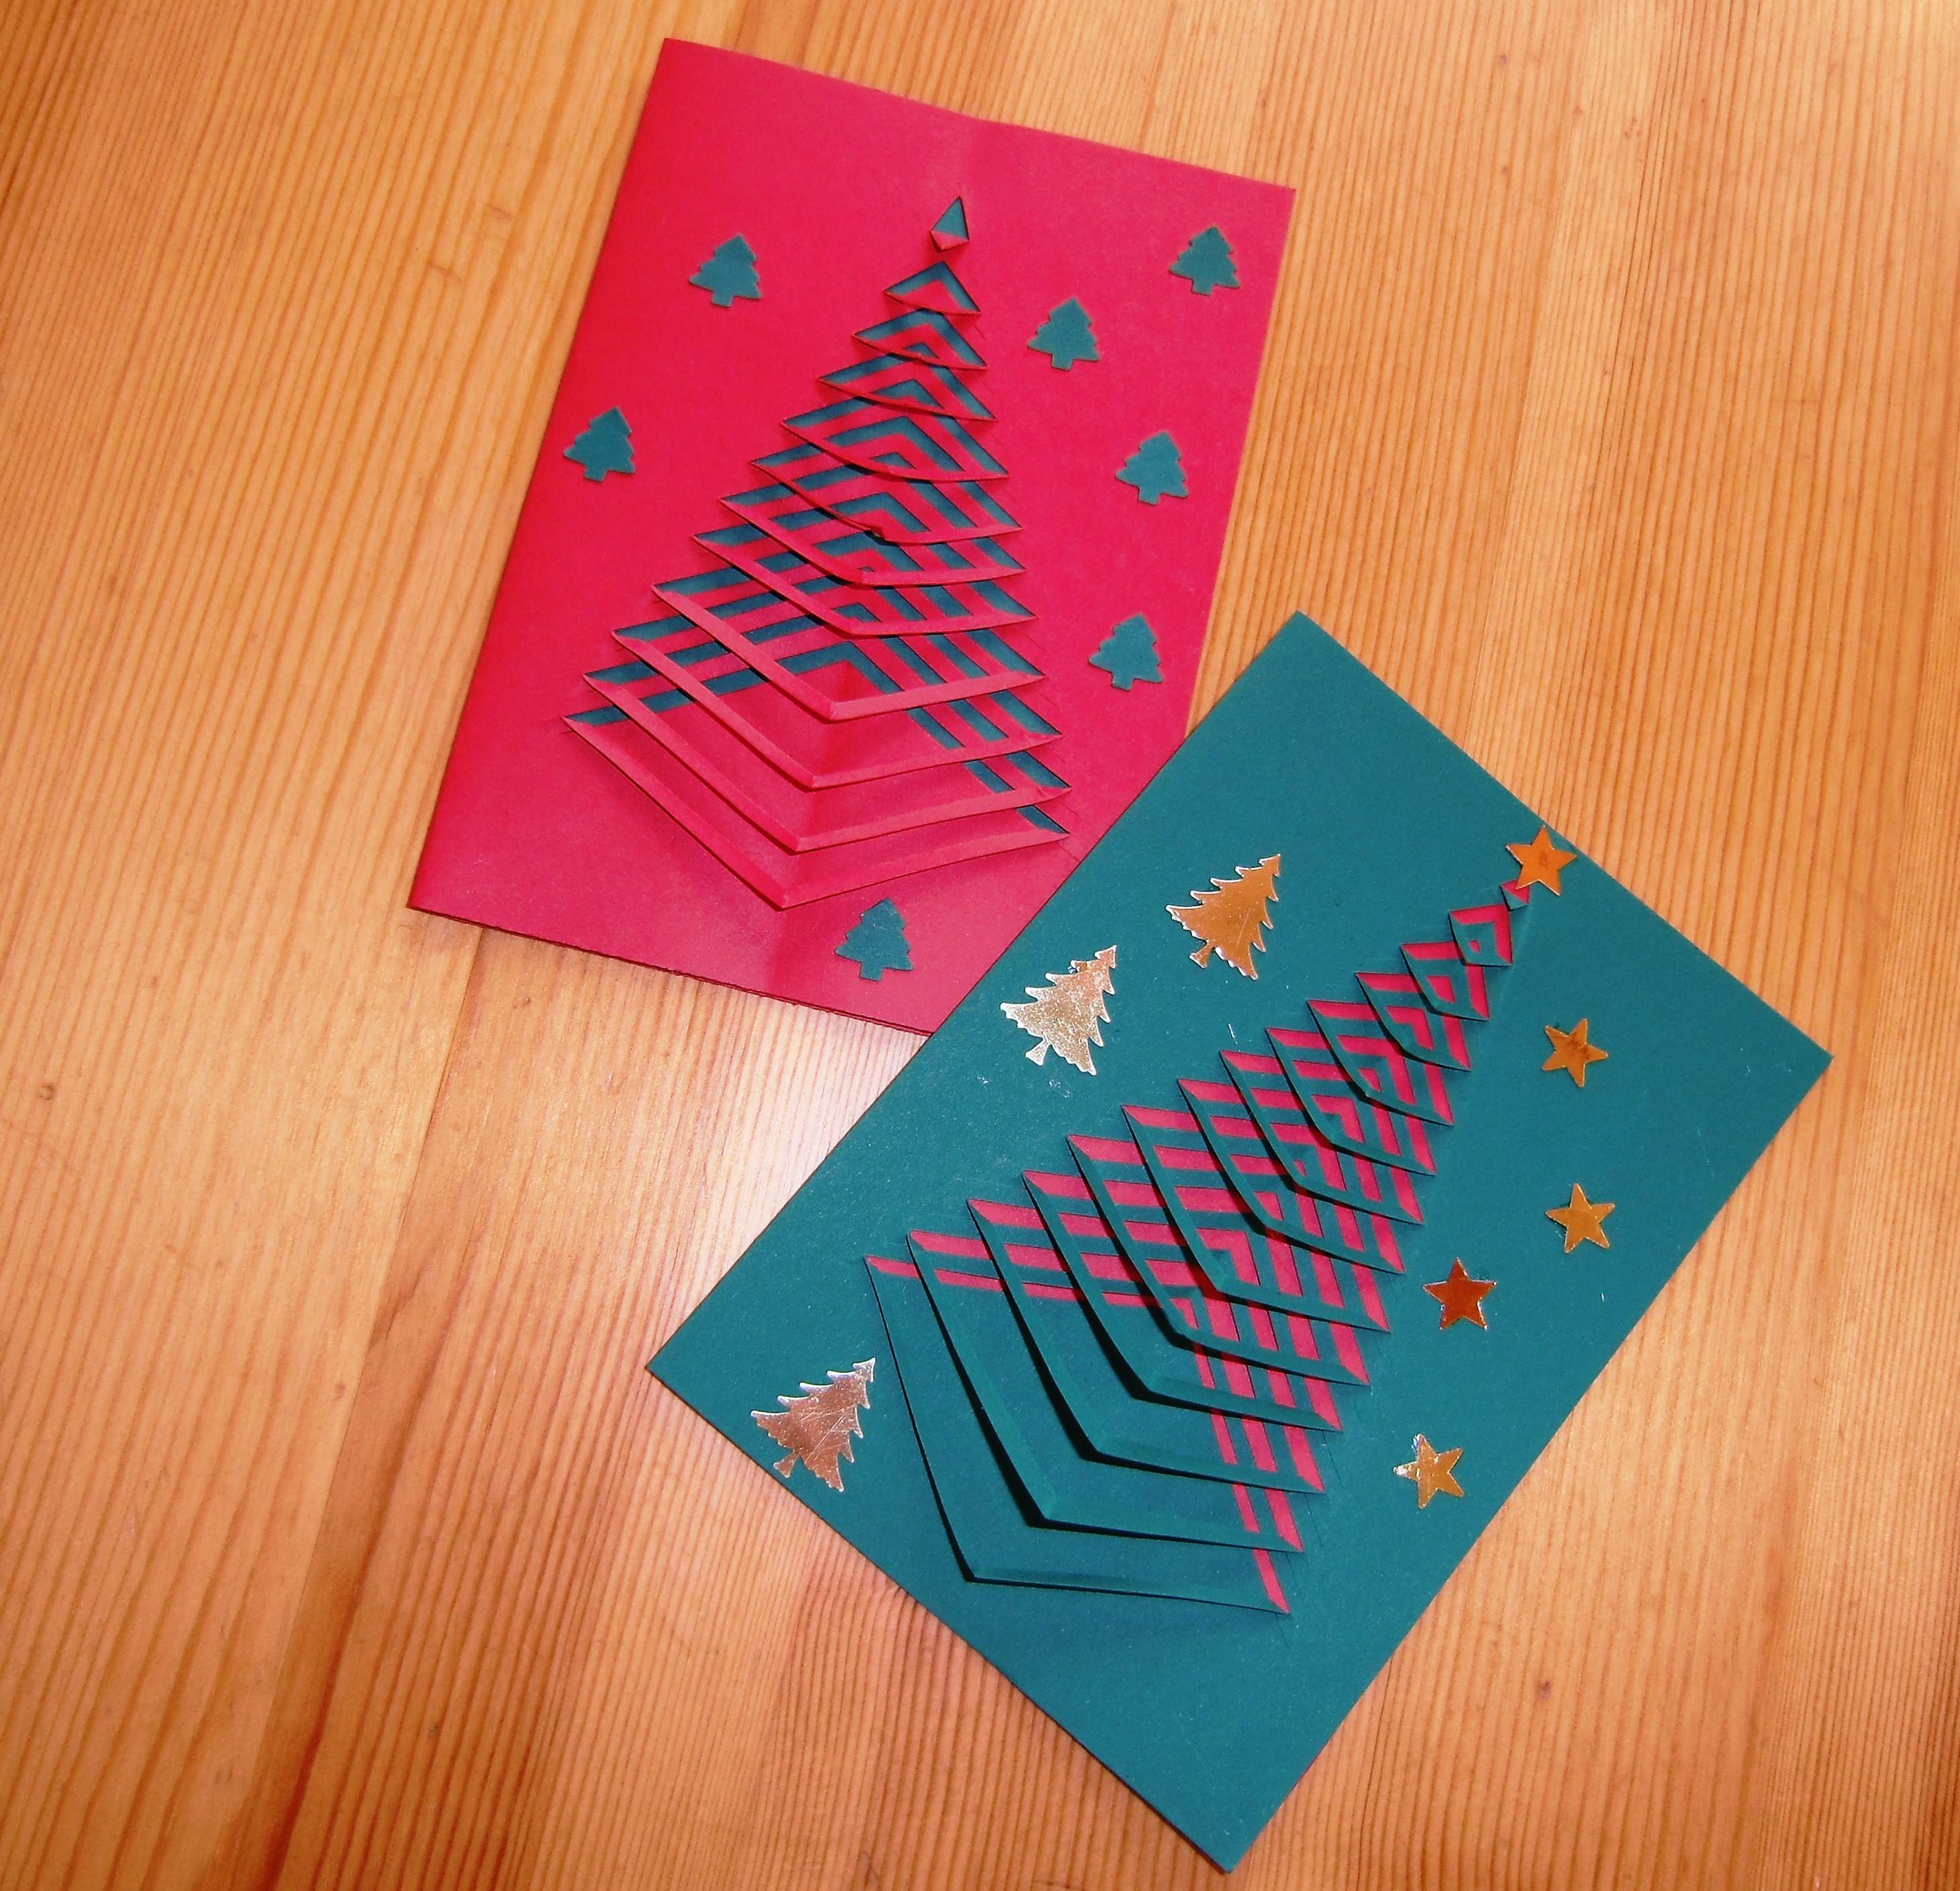 Bildergebnis Für Weihnachtskarten Selber Machen. Über Google Auf  Infocash.club Gefunden